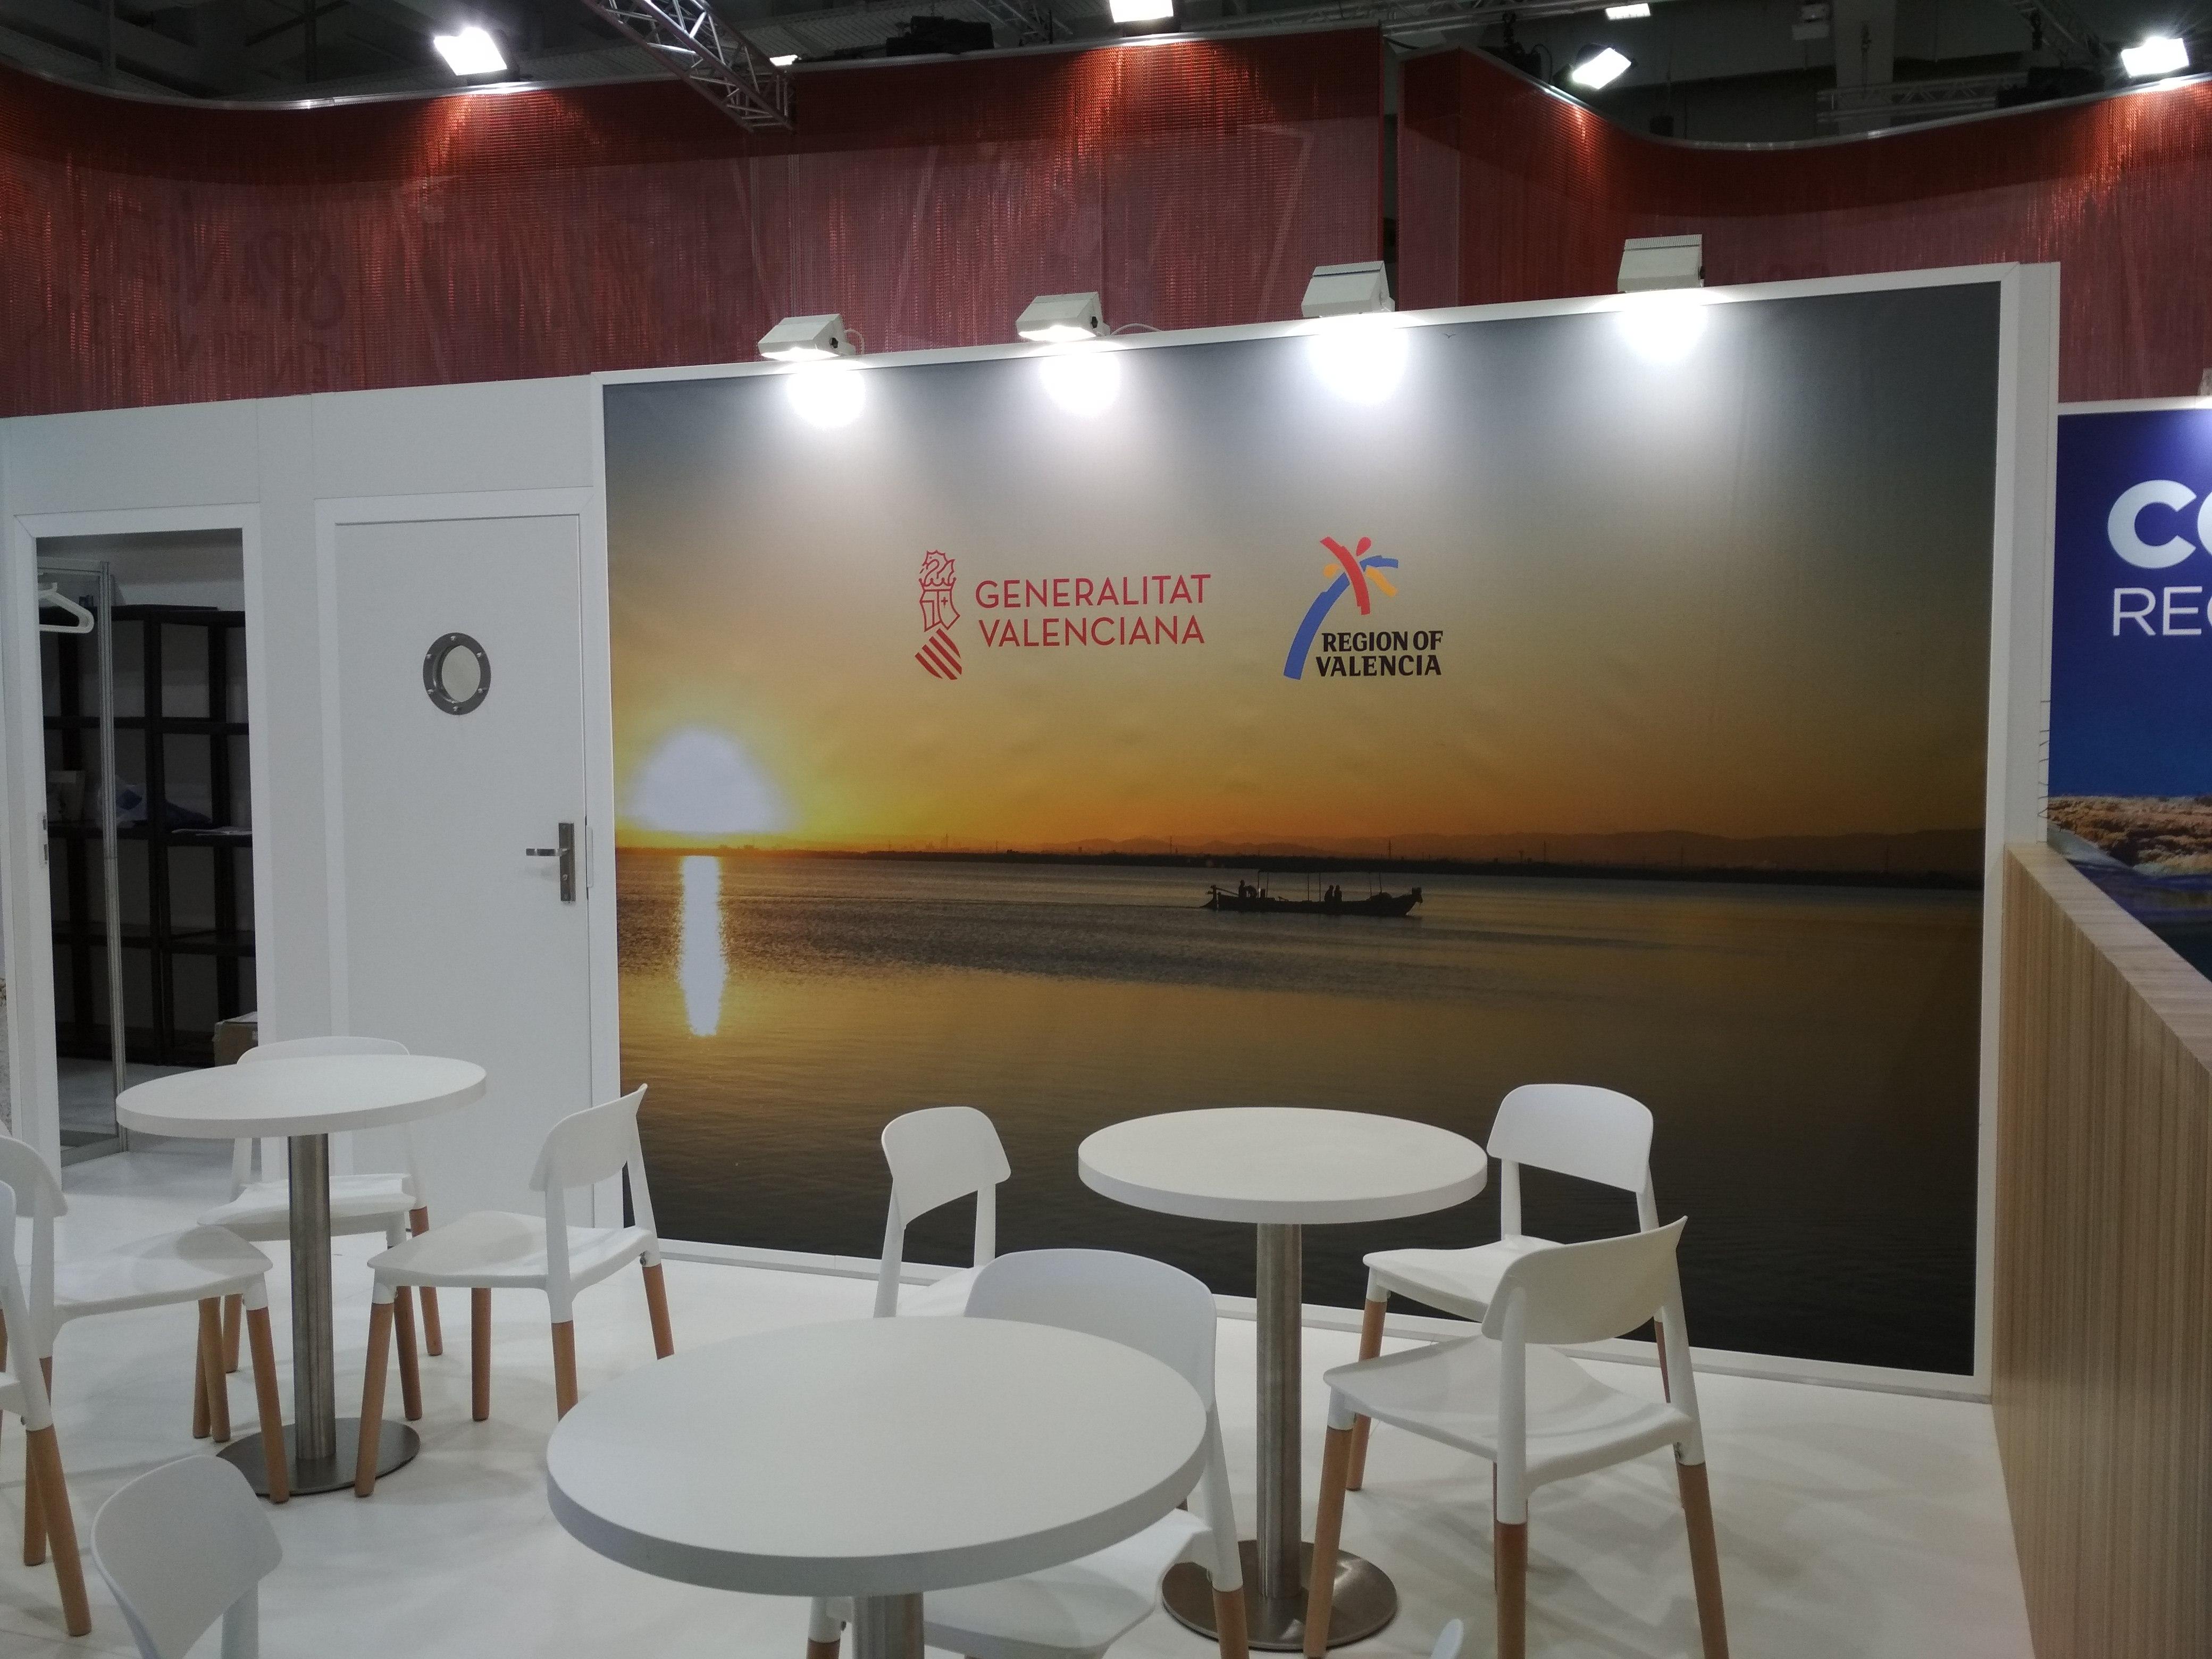 Zona de mesas de reunión en el stand de la Comunitat Valenciana en la ITB Berlín 2018